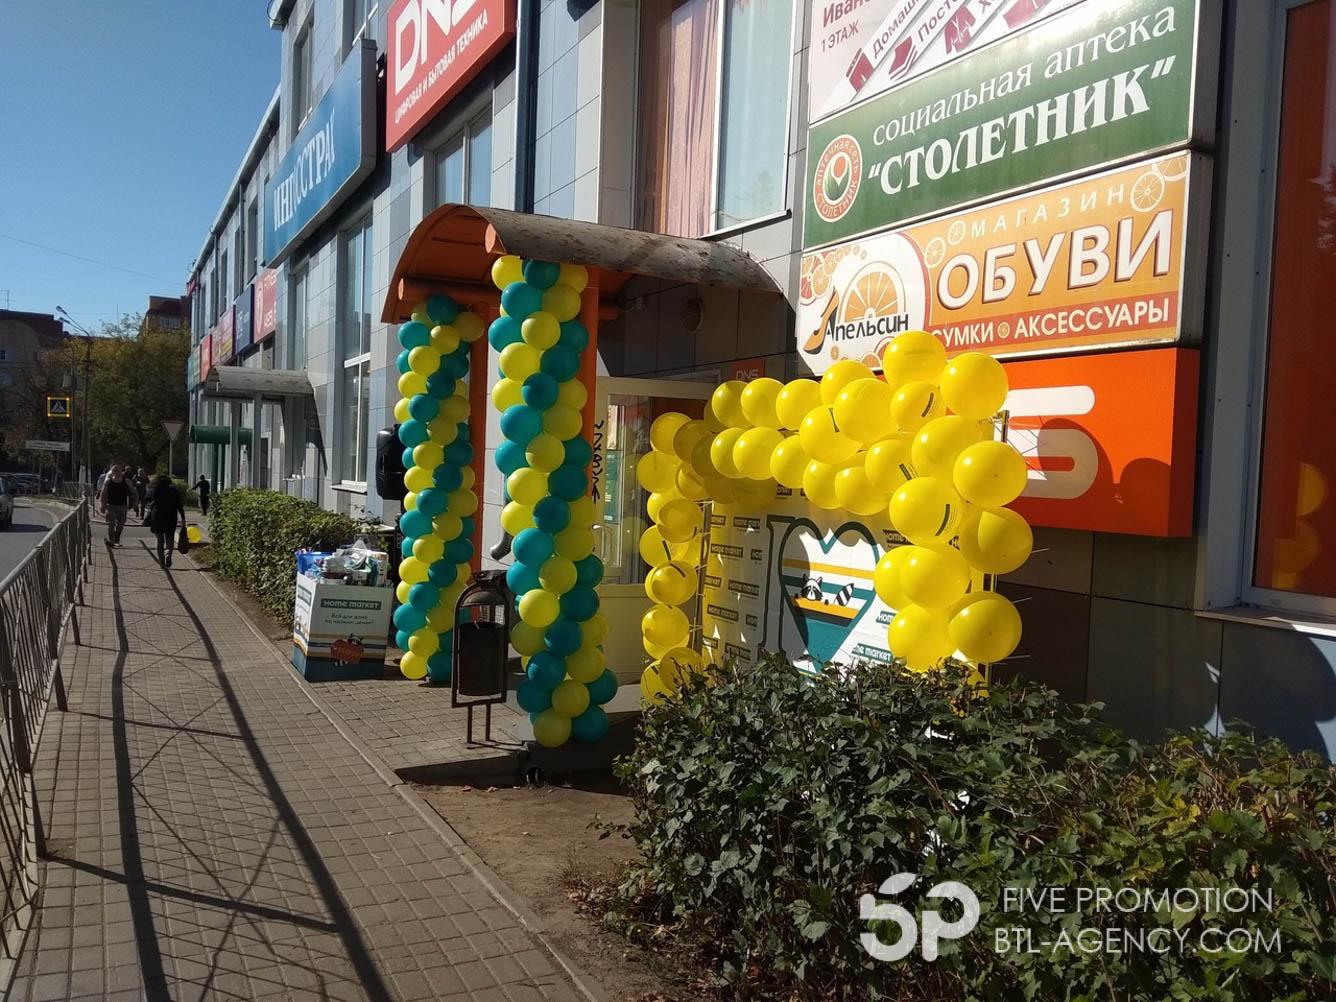 , КЕЙС: Праздничное открытие сети магазинов «Все для дома» (Хозтовары)